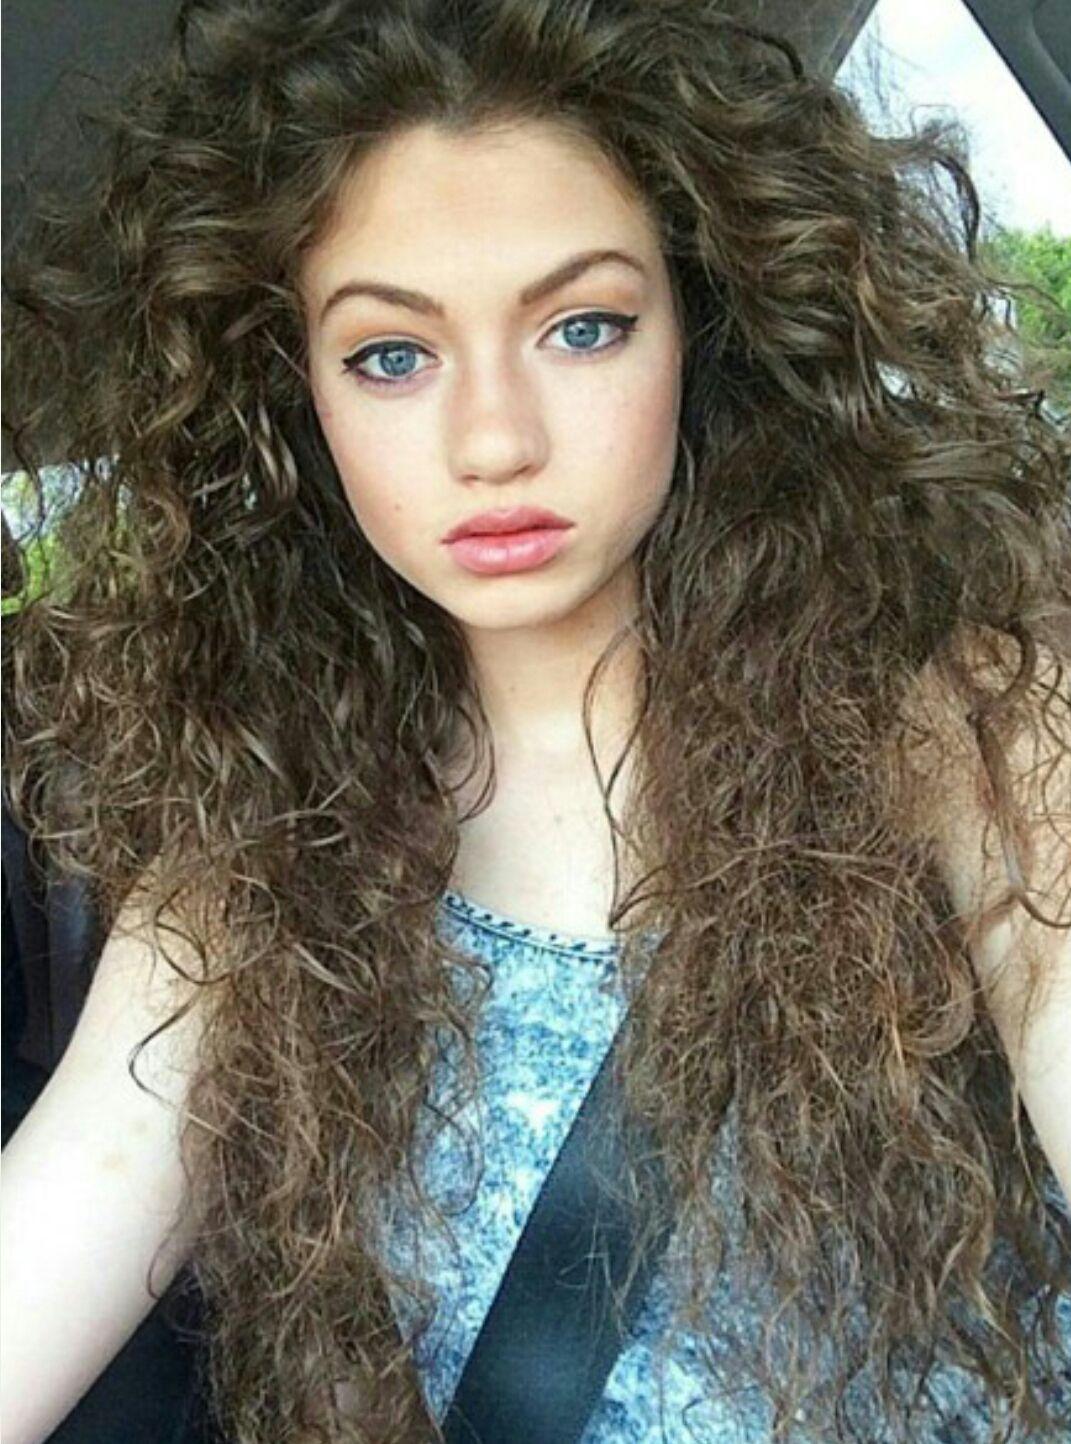 Großer Arsch Latina Lockiges Haar